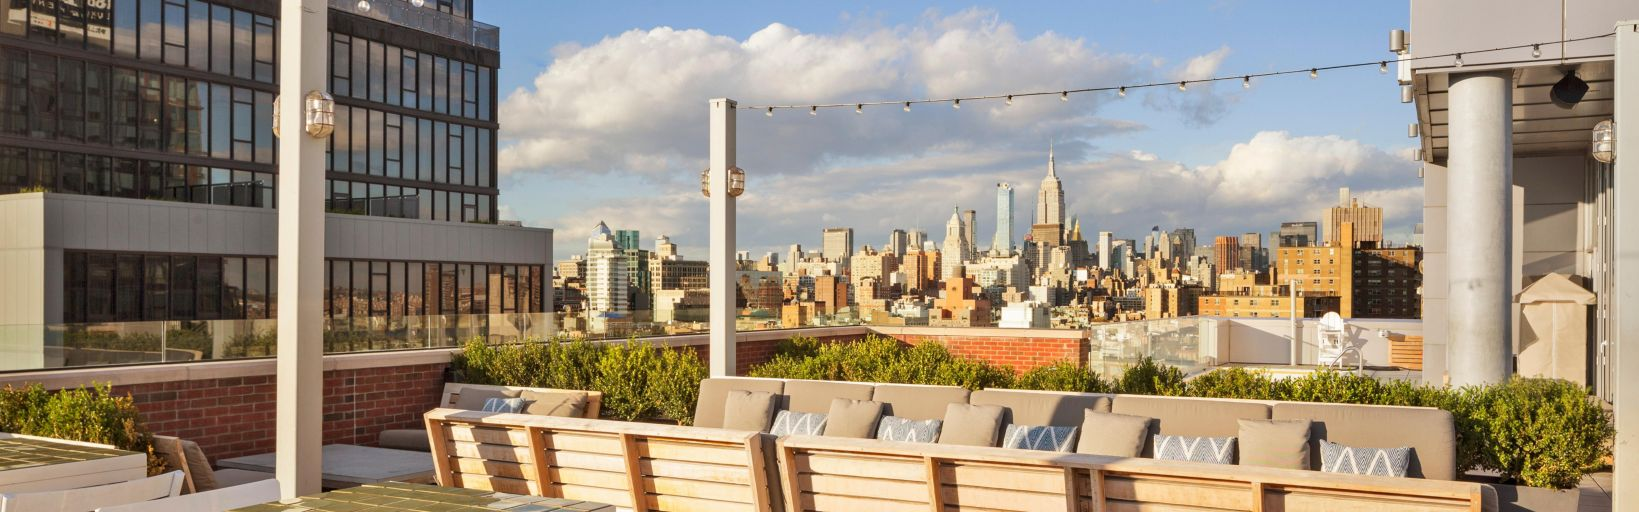 Hotel Indigo Lower East Side New York - Prenota il tuo soggiorno a ...